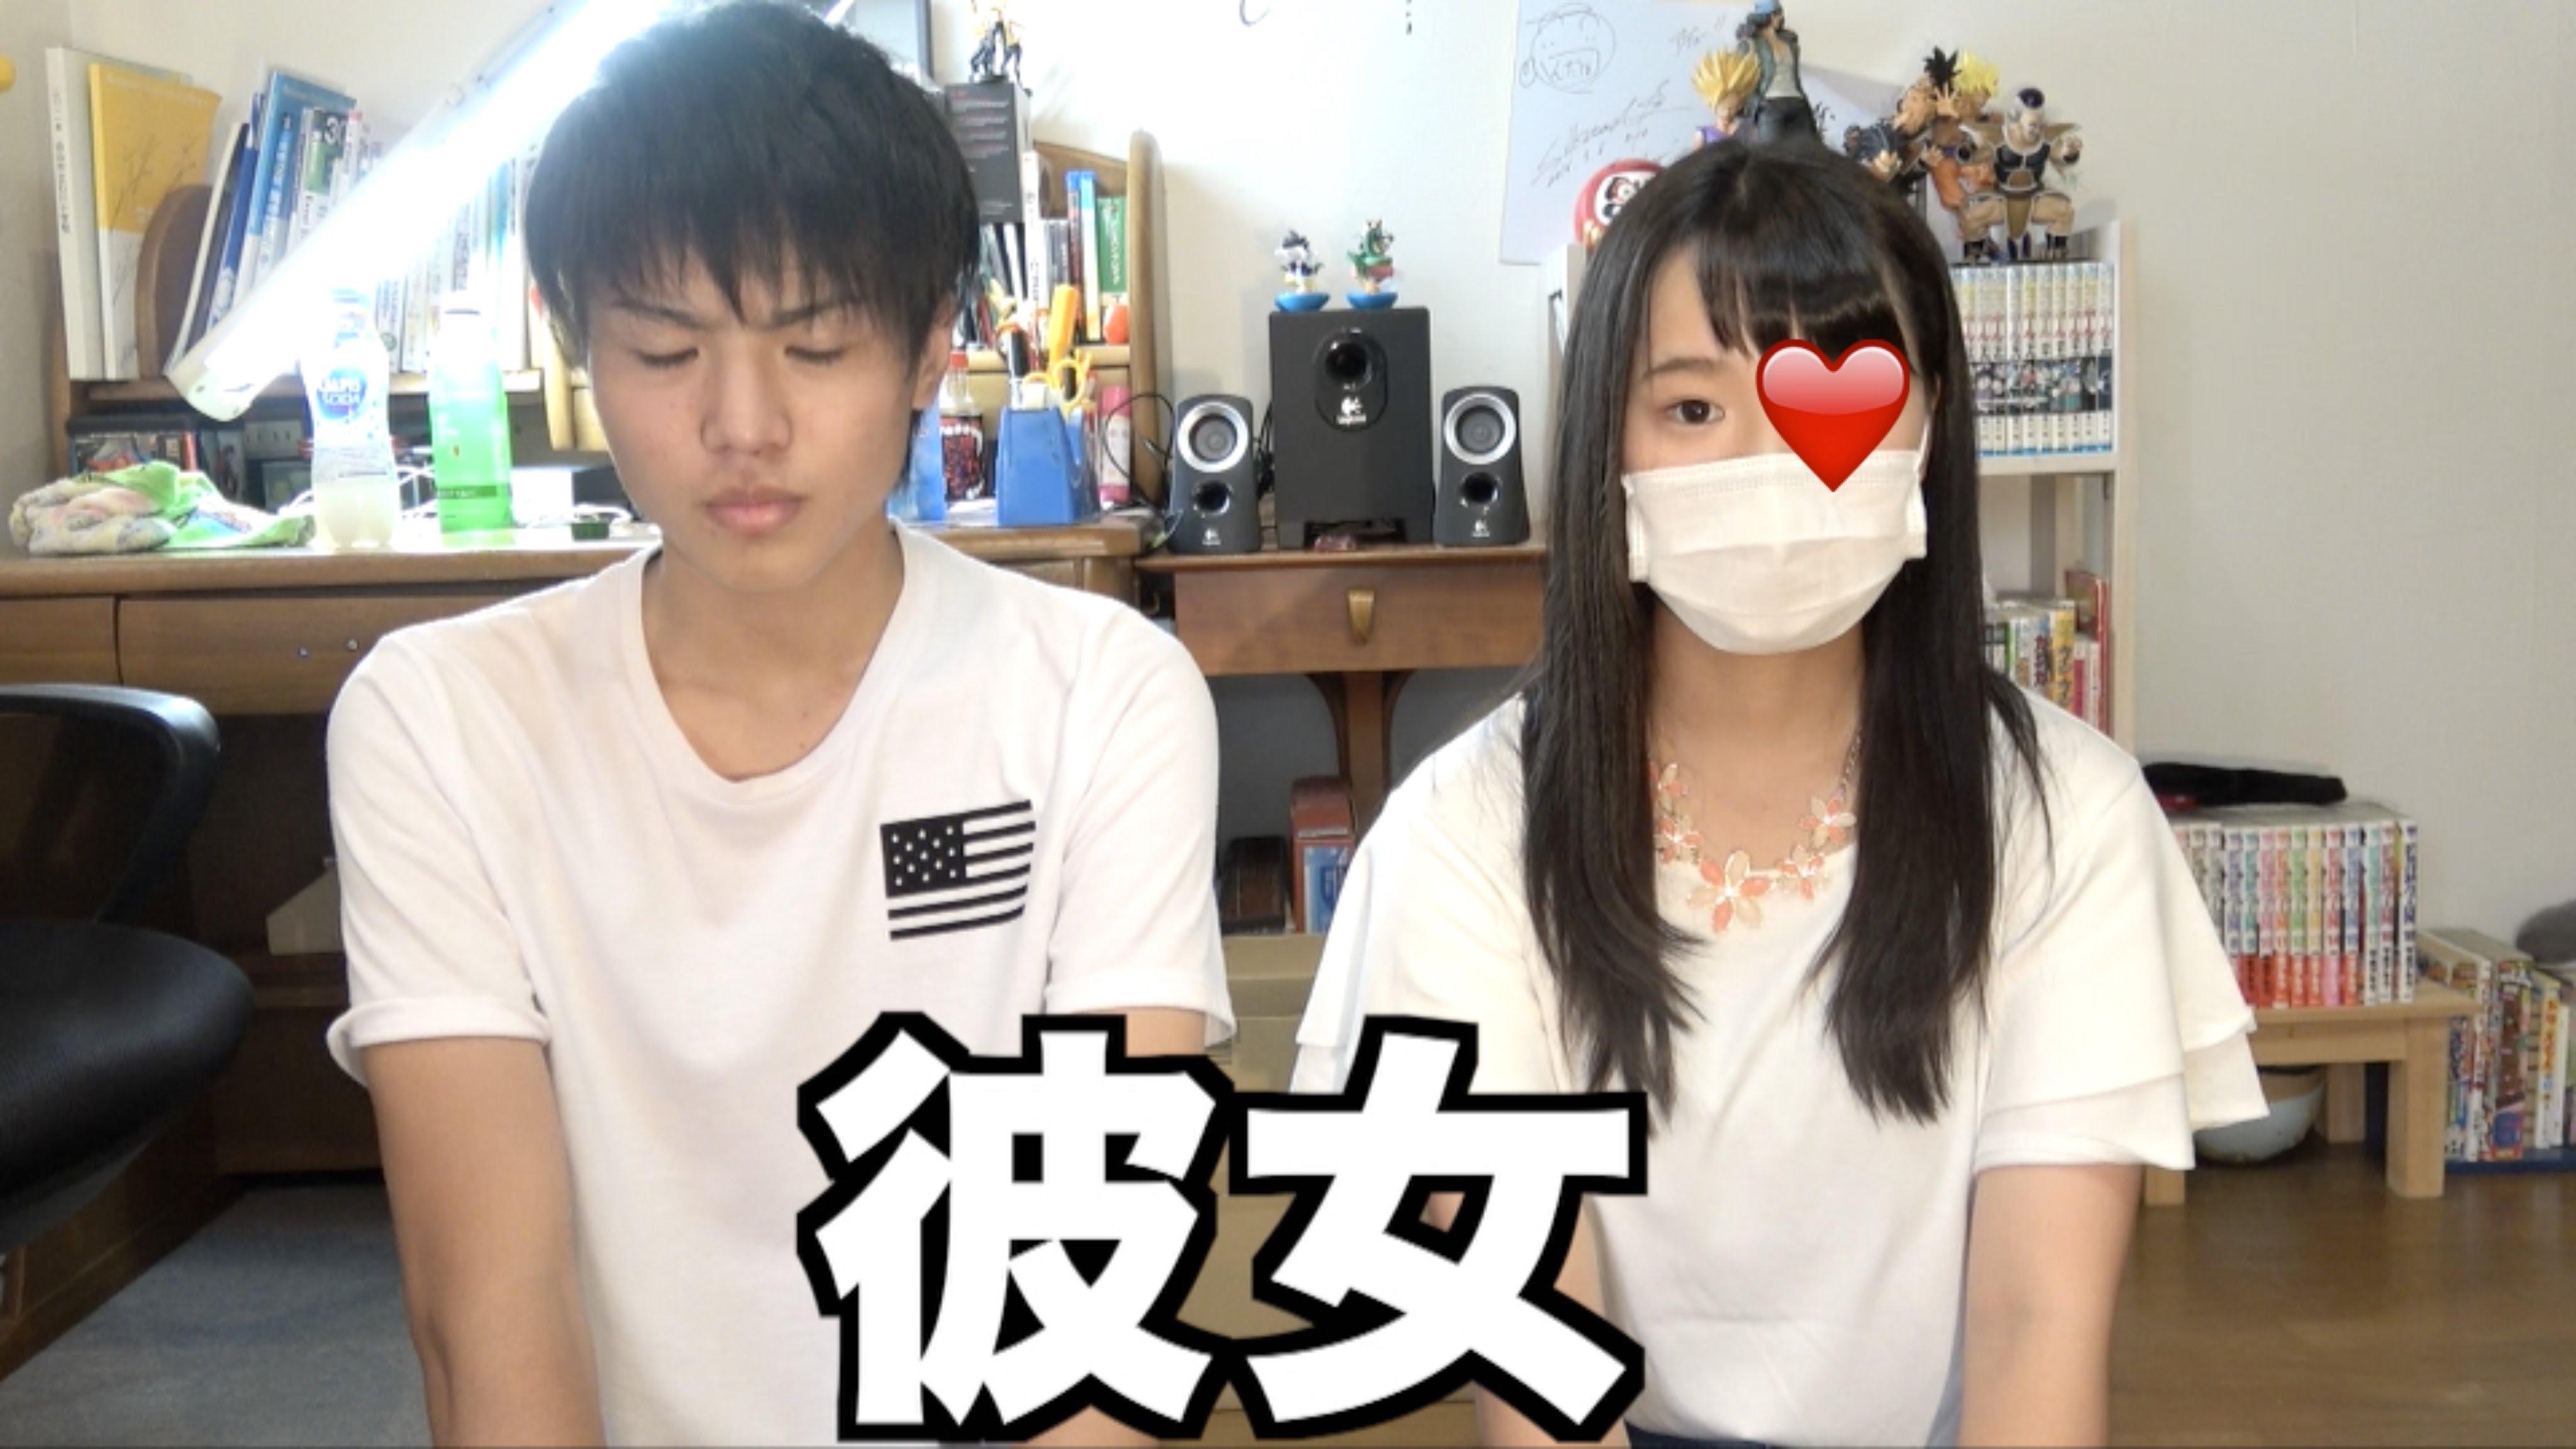 桐崎栄二の彼女が動画に出演!名前や高校も判明!